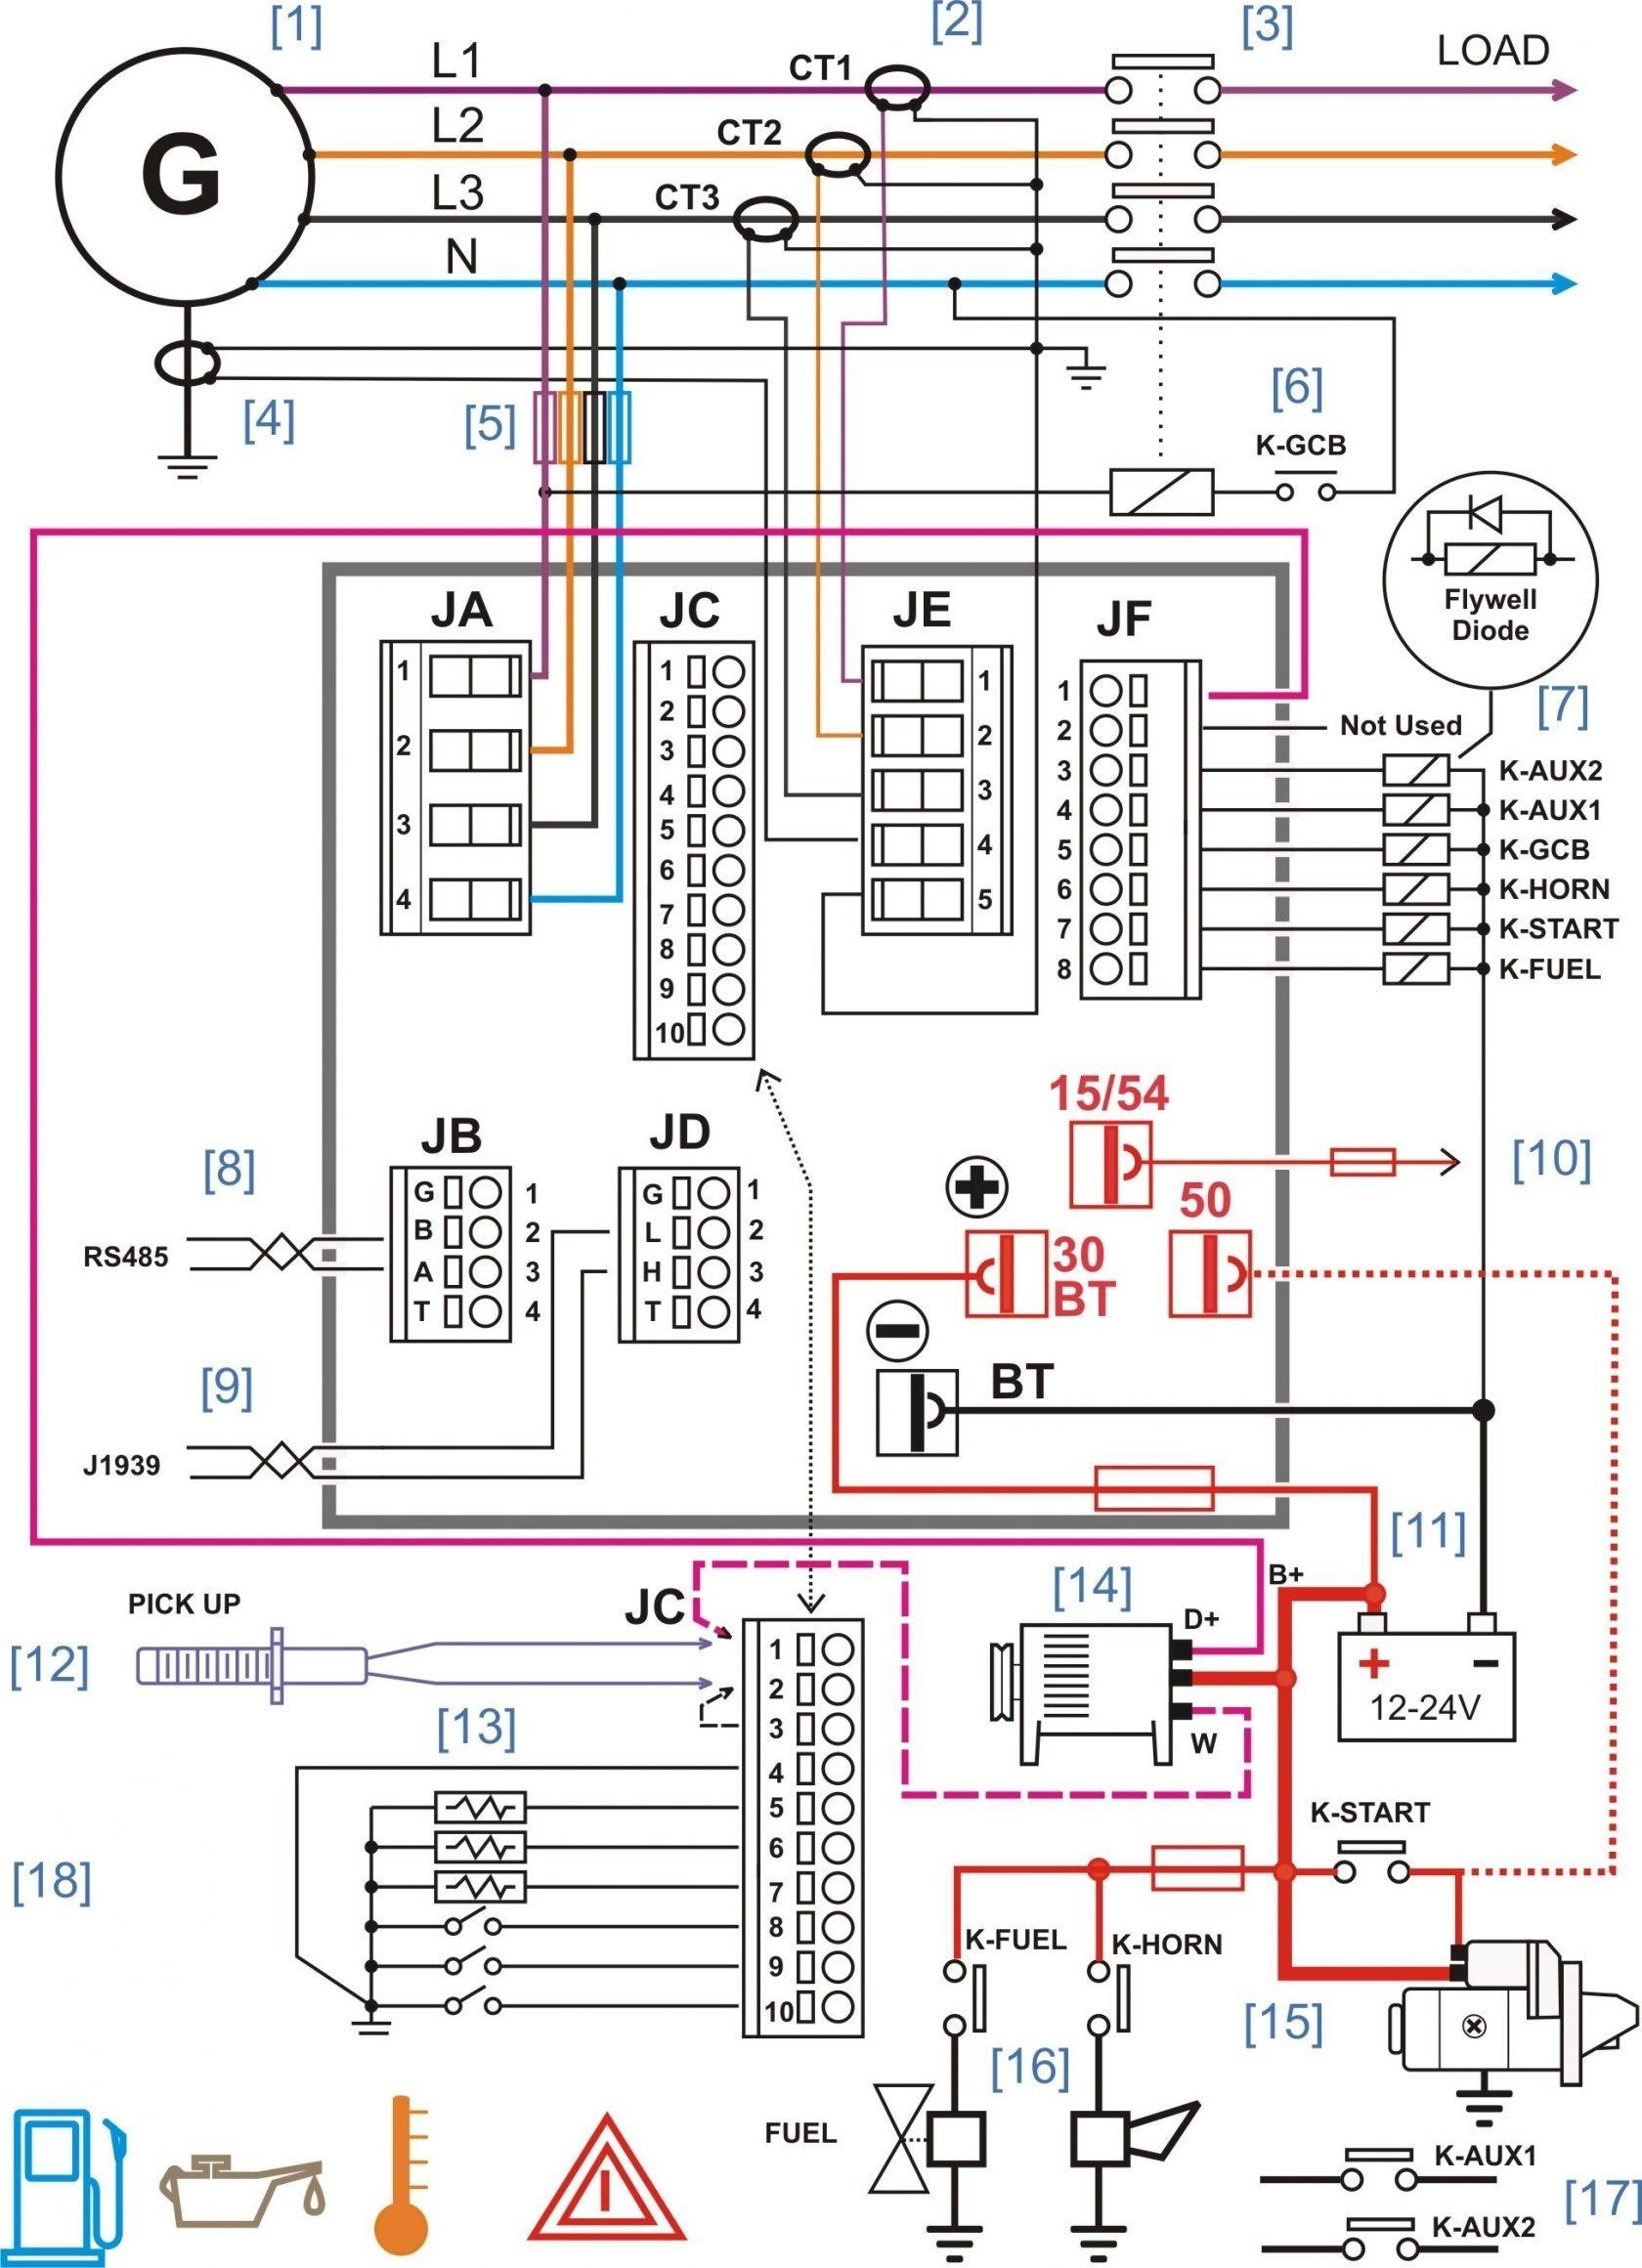 1996 safari sahara rv wiring diagram wiring diagram libraries rh 15 nnmea com